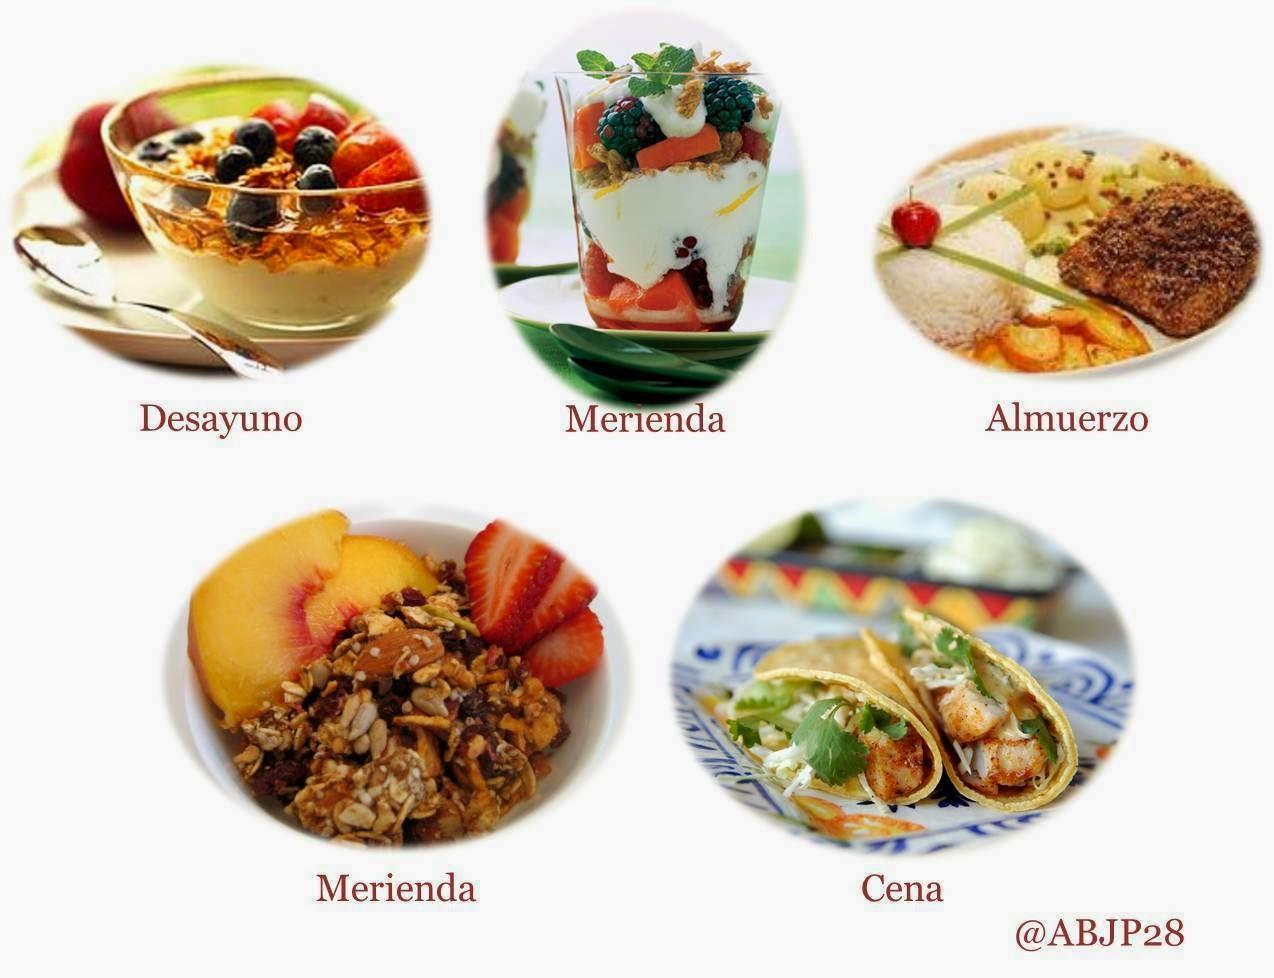 Cemuvenezuela Consejos Nutricionales Para Acelerar El Metabolismo  ~ Cenas Ligeras Para Bajar De Peso